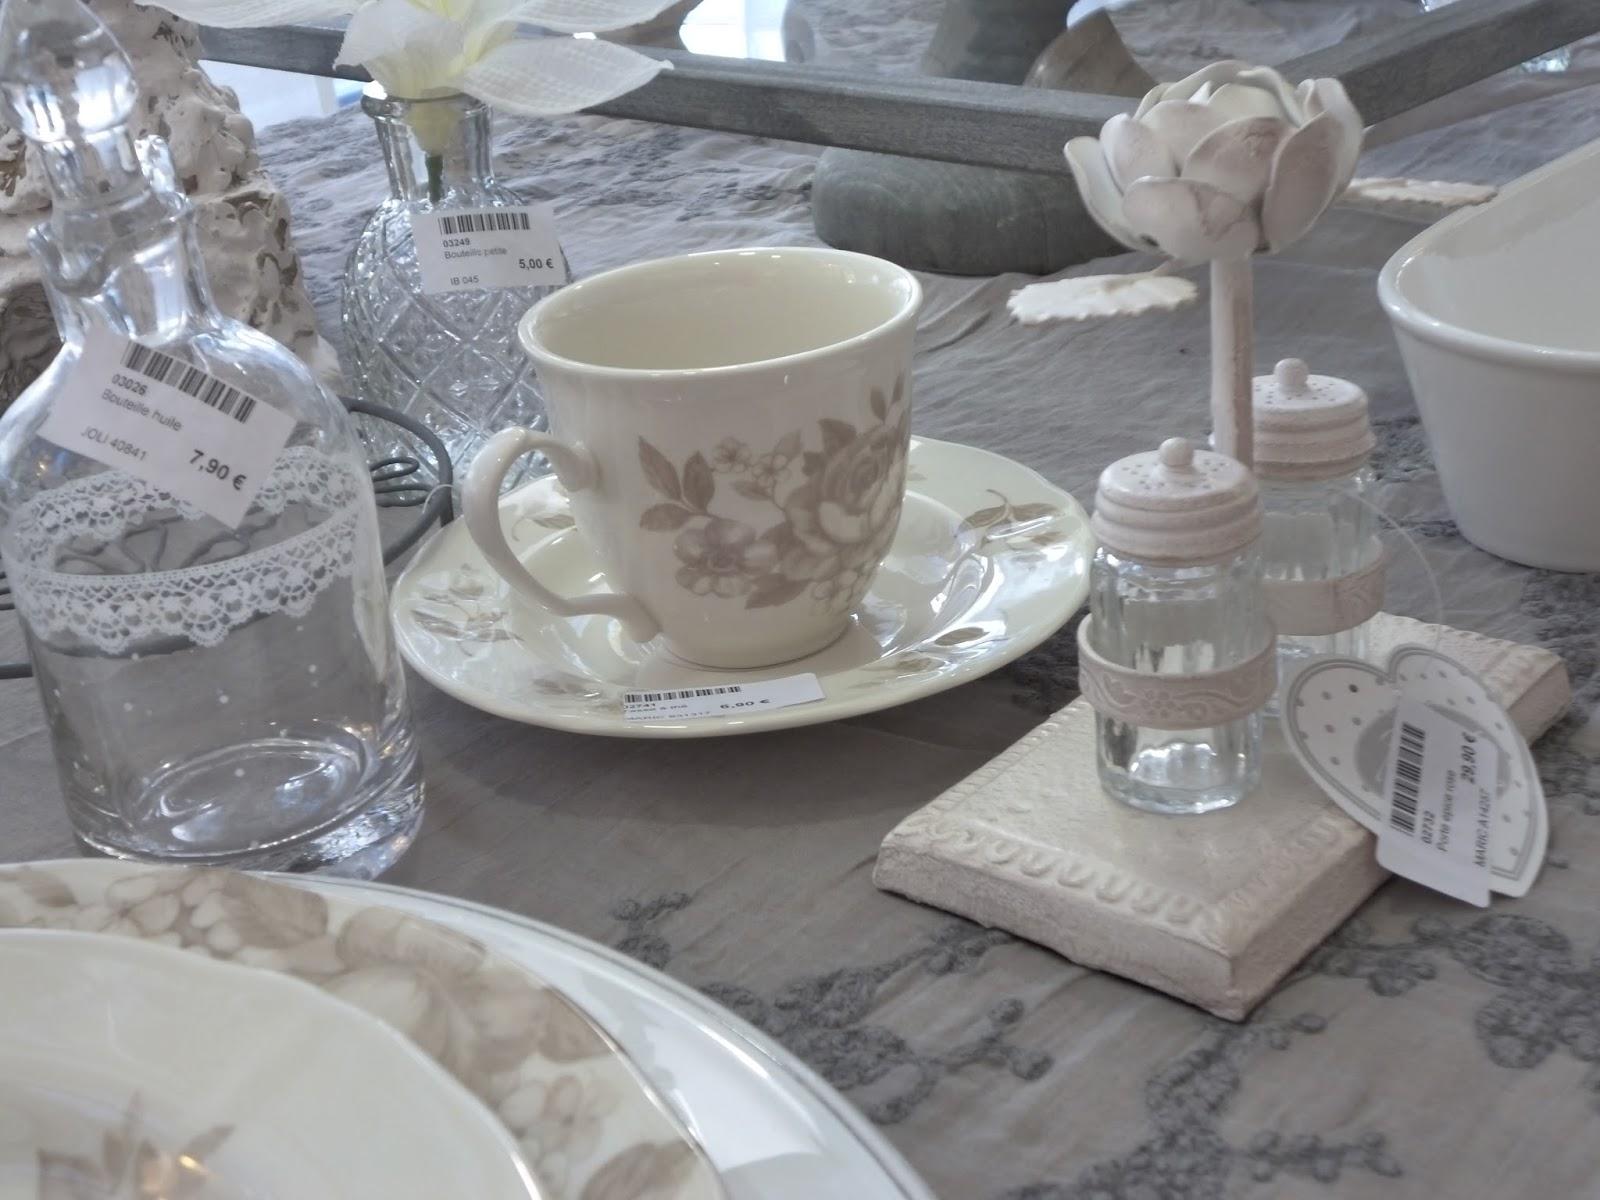 La demoiselle d 39 avignon tables d 39 automne - Vaisselle cote table ...